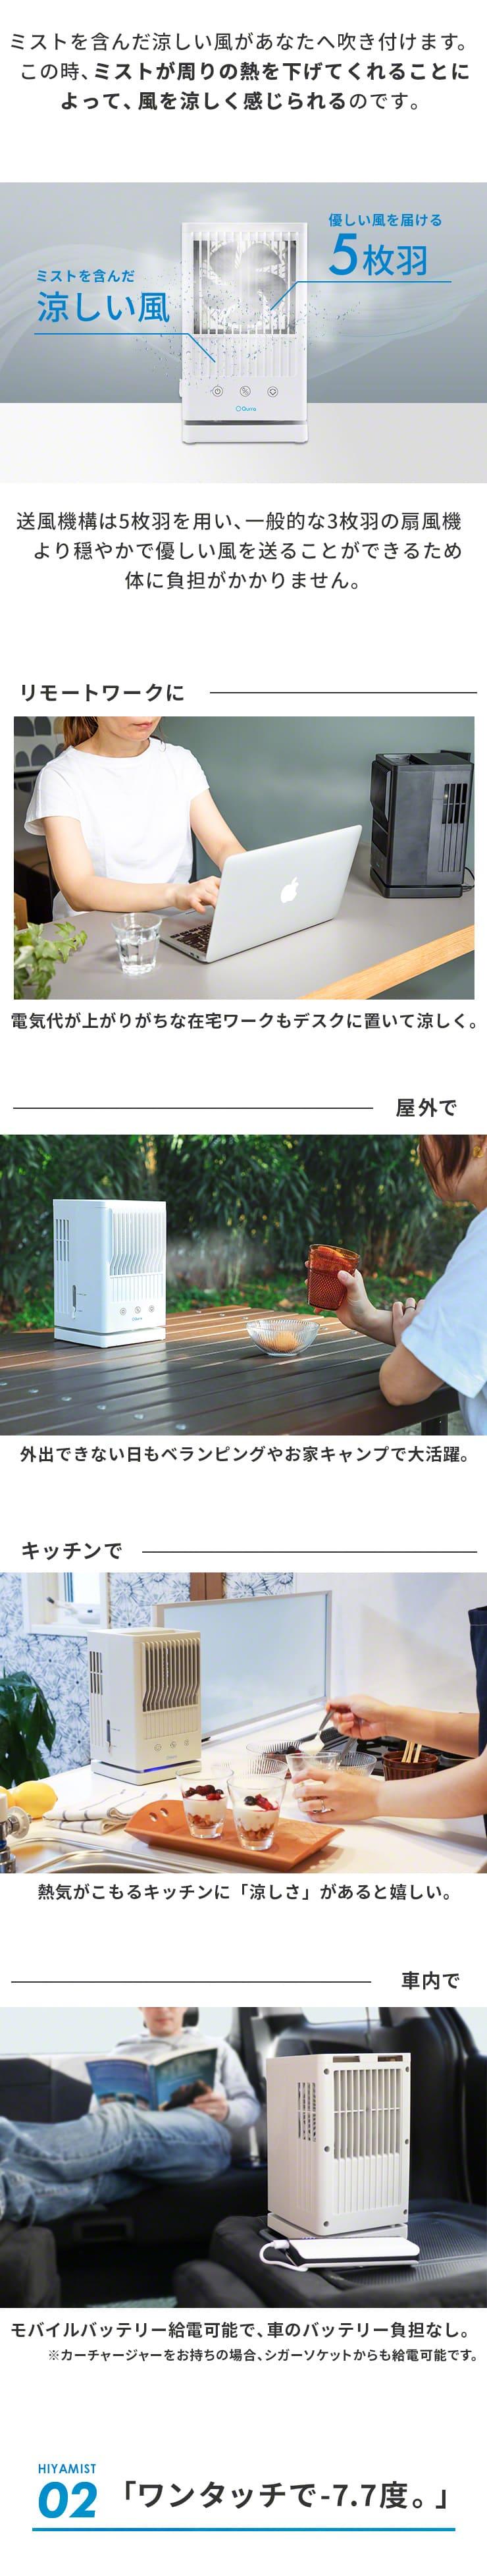 扇風機より涼しい-7.7度!電気代もクーラーより抑えられる